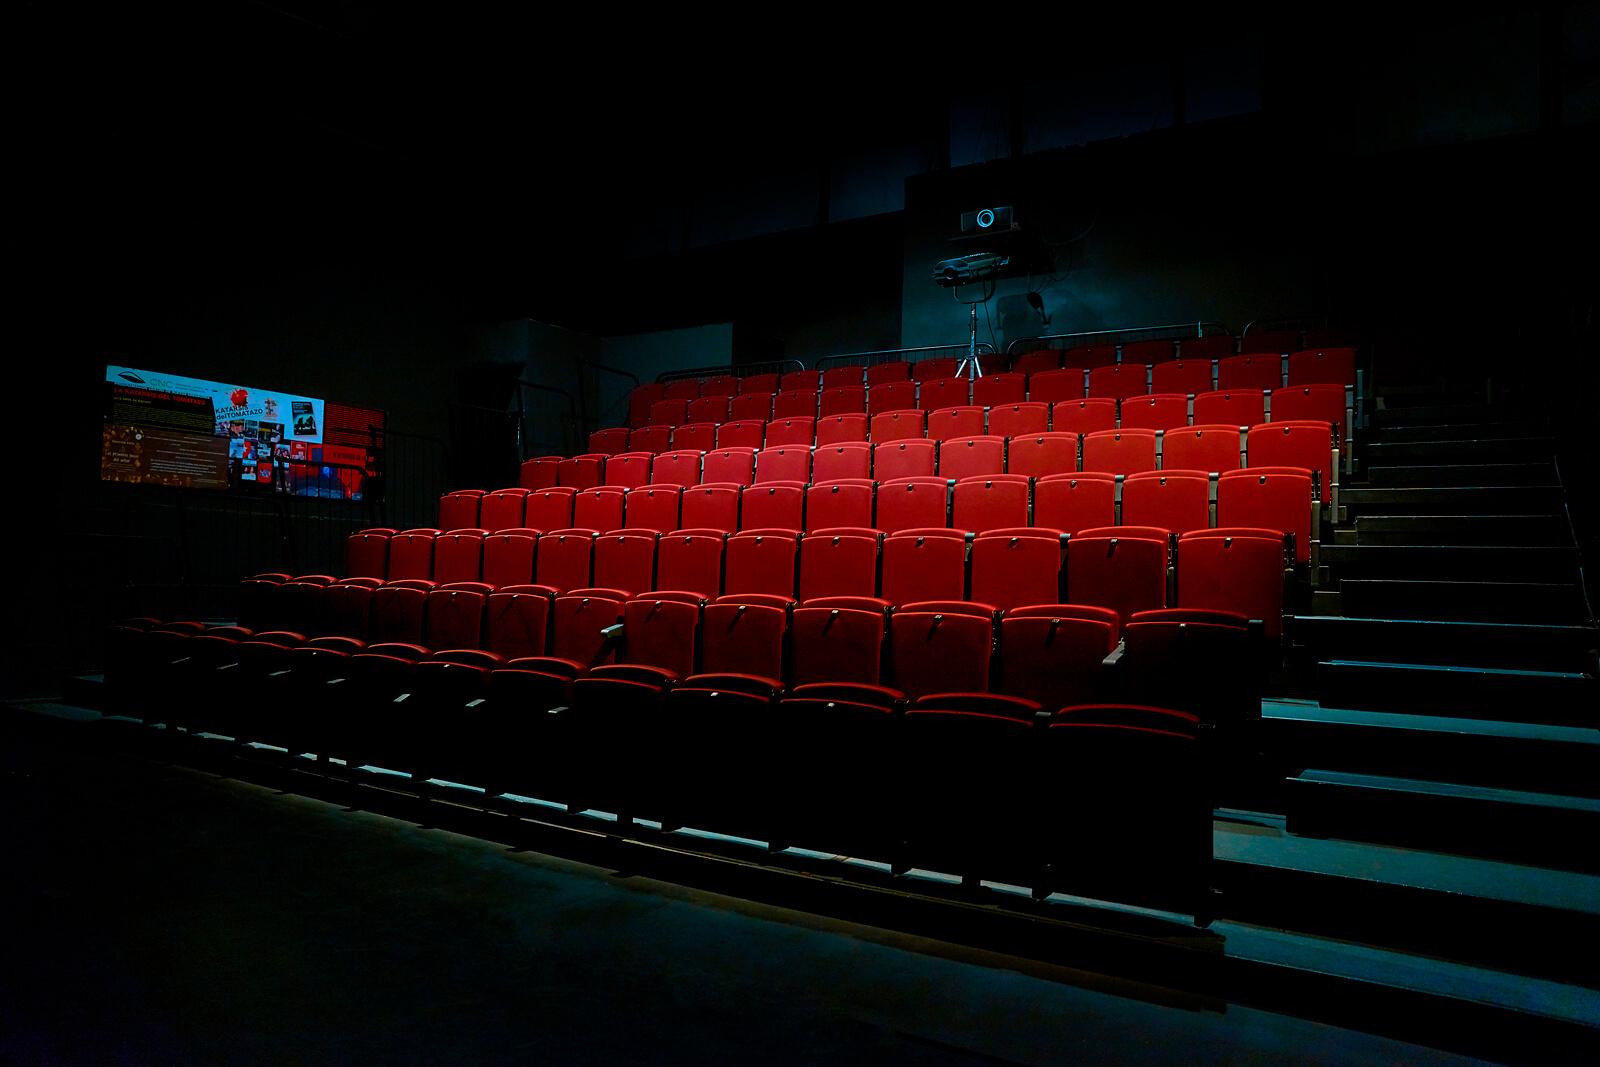 Sala de Teatro Mirador, tu Teatro en Madrid